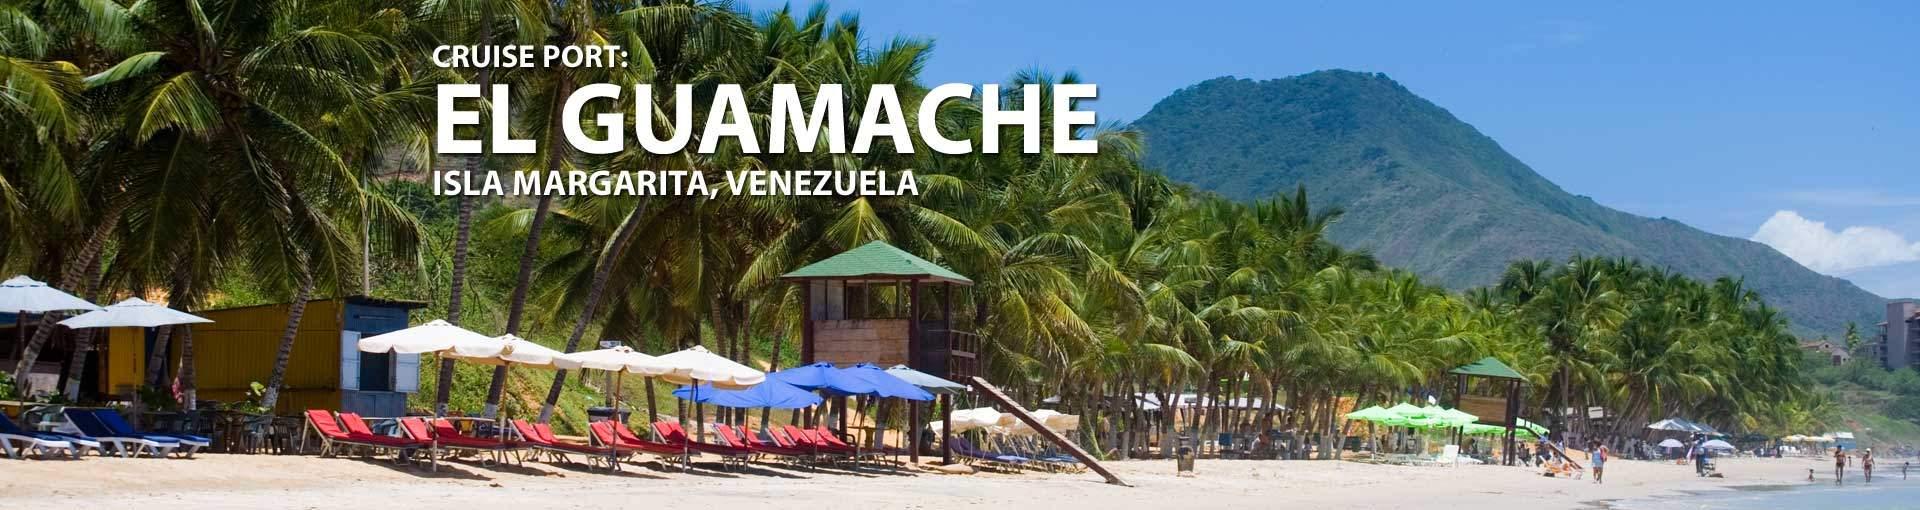 Cruises to El Guamache (Isla Margarita), Venezuela